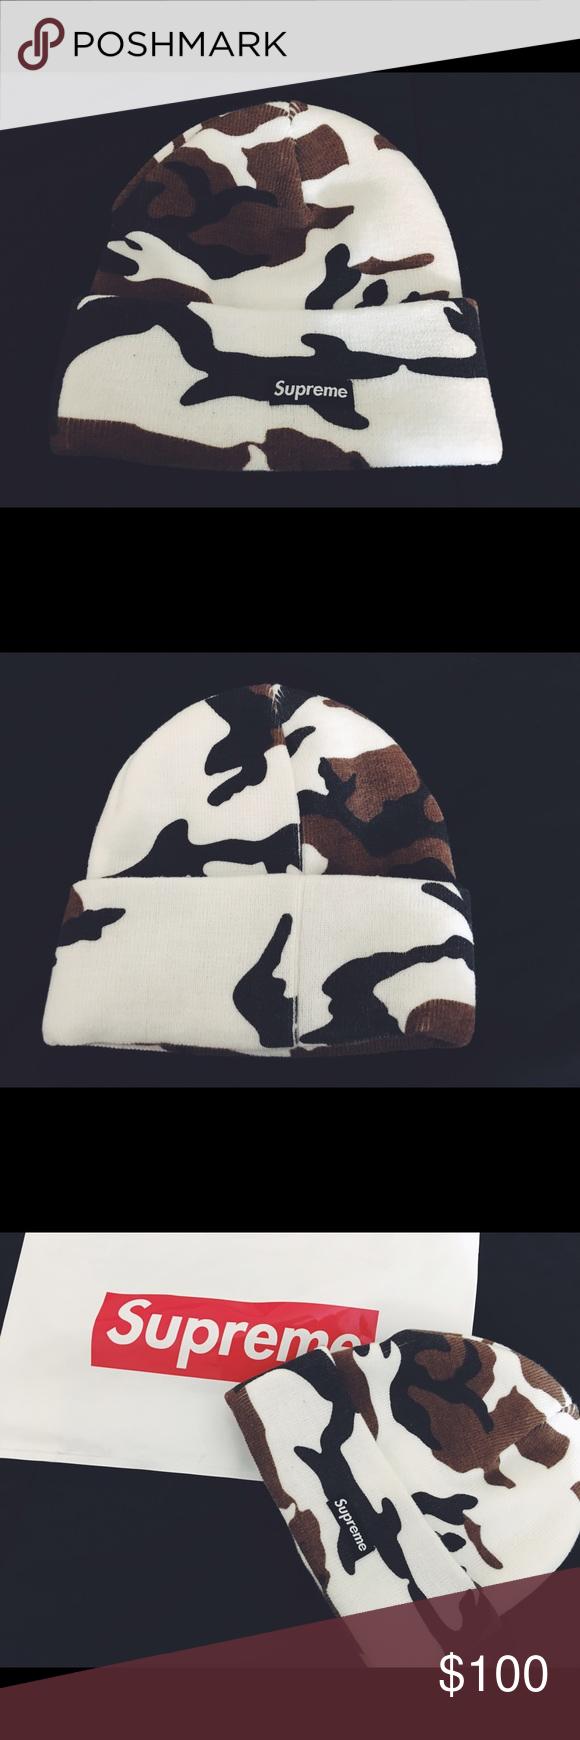 75d18828618 Supreme camo beanie (white) White Camo beanie from supreme original bag  included Supreme Accessories Hats